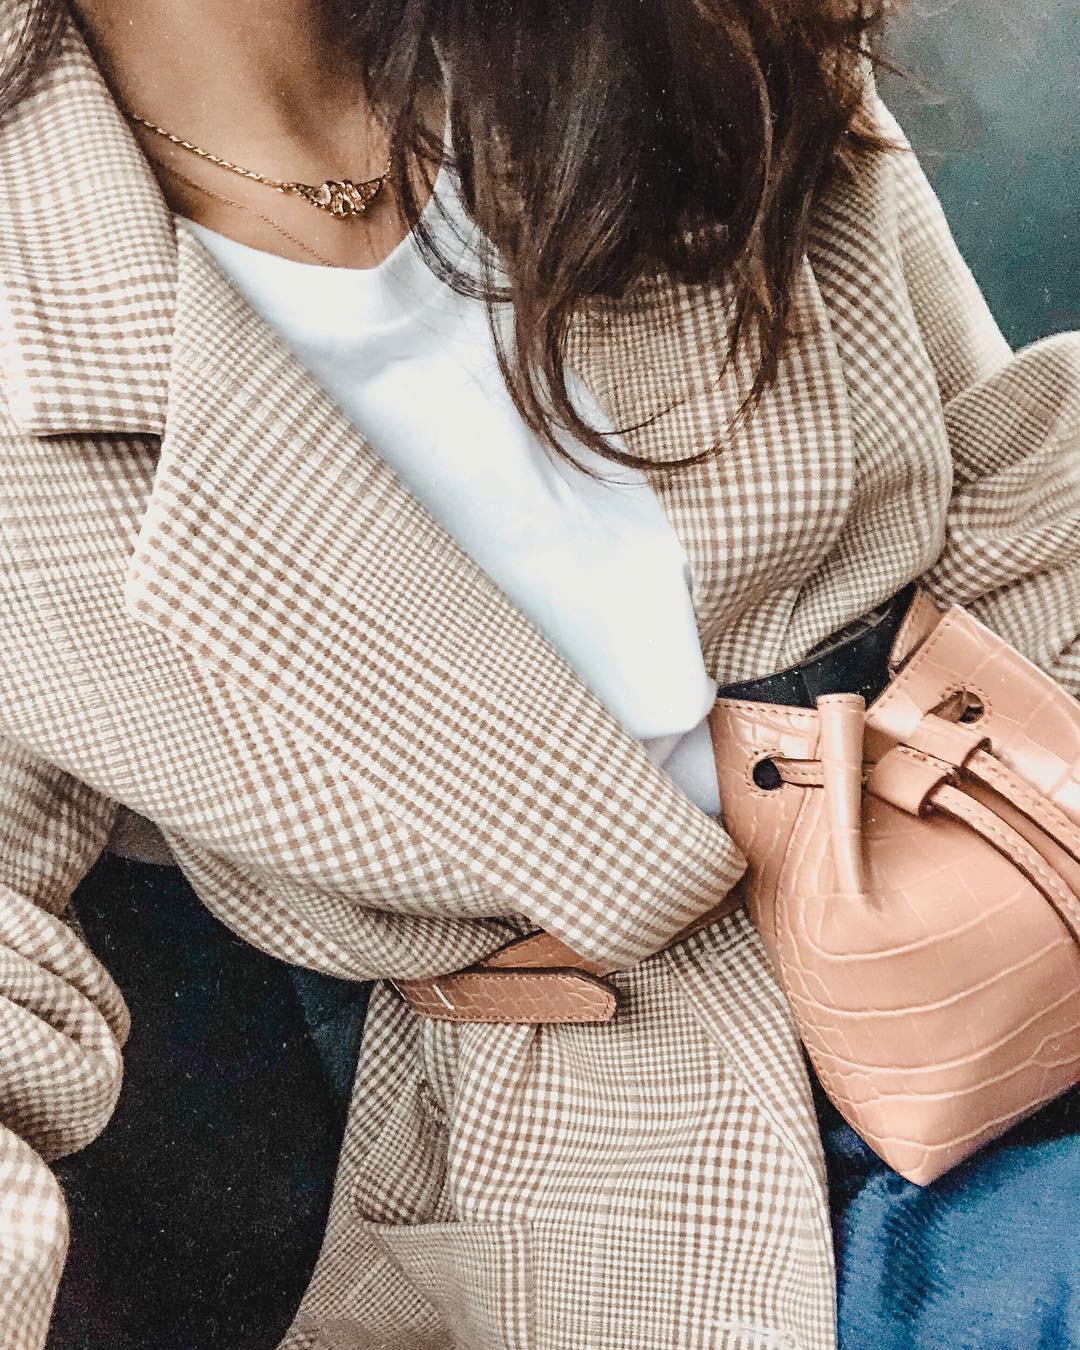 5 bí kíp khôn ngoan giúp các chị em chọn được mẫu áo blazer vừa đẹp mà mặc không bị già - Ảnh 4.